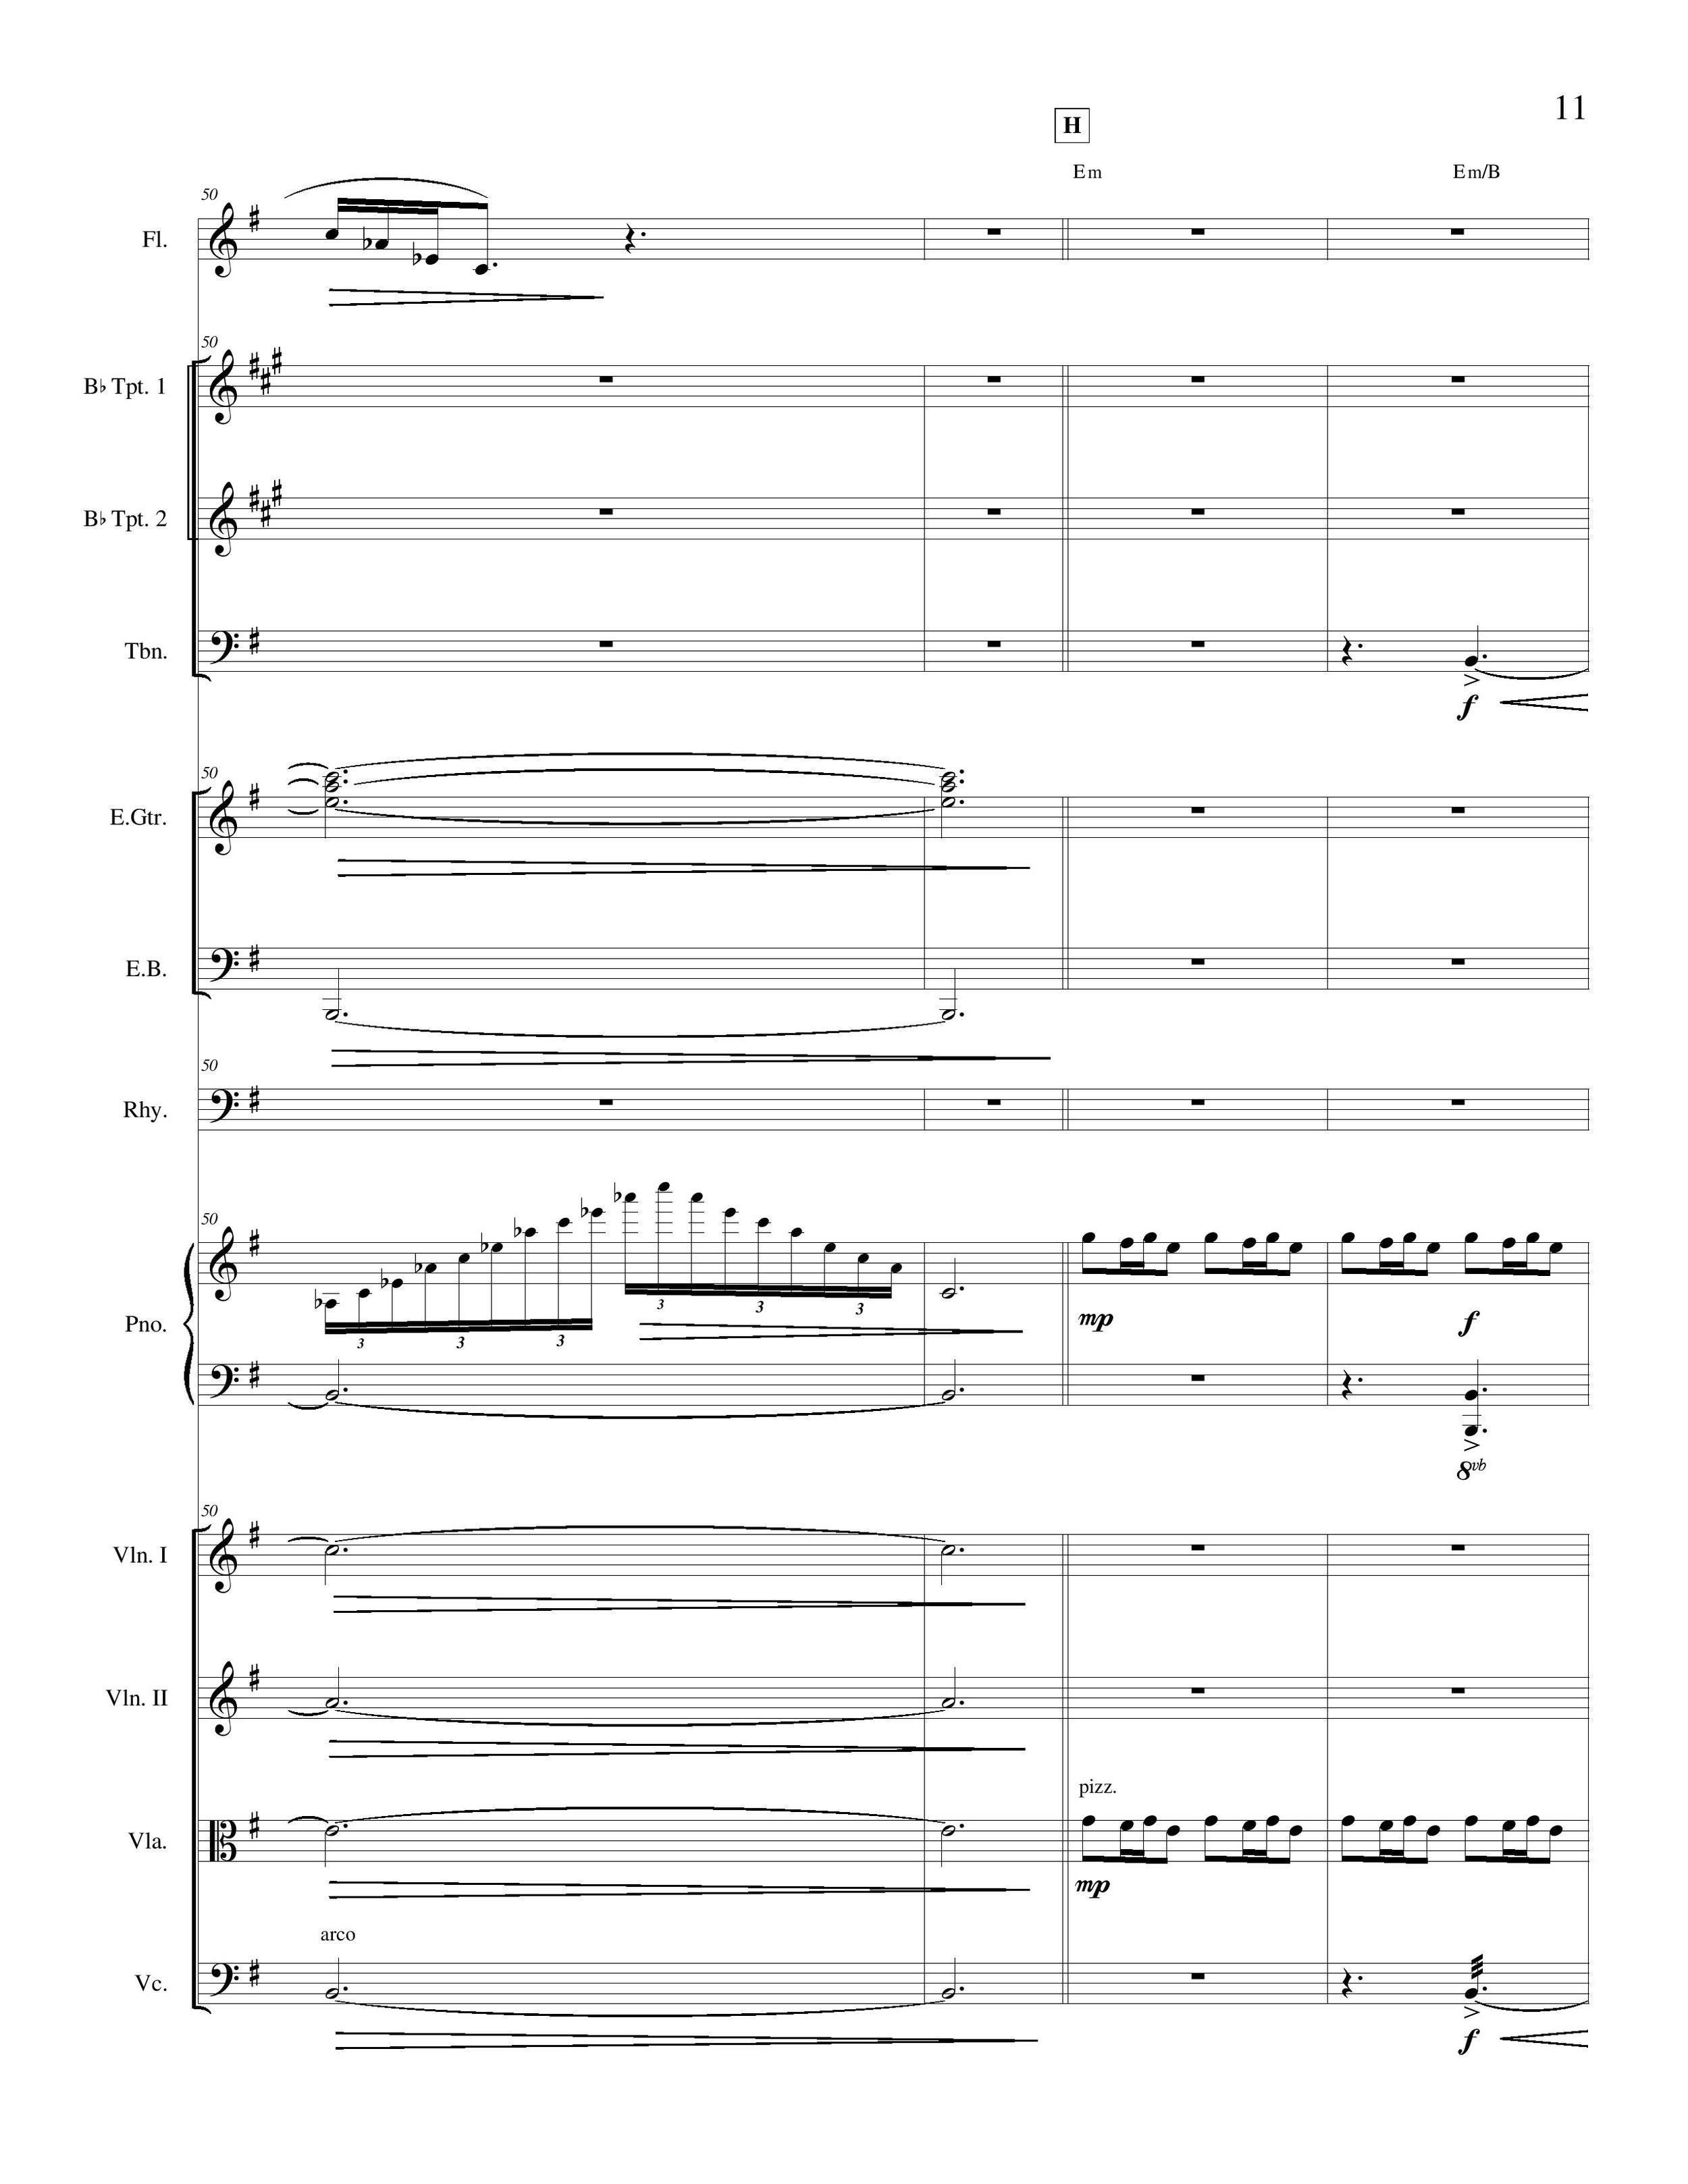 Christmas Overture - Score_11.jpg